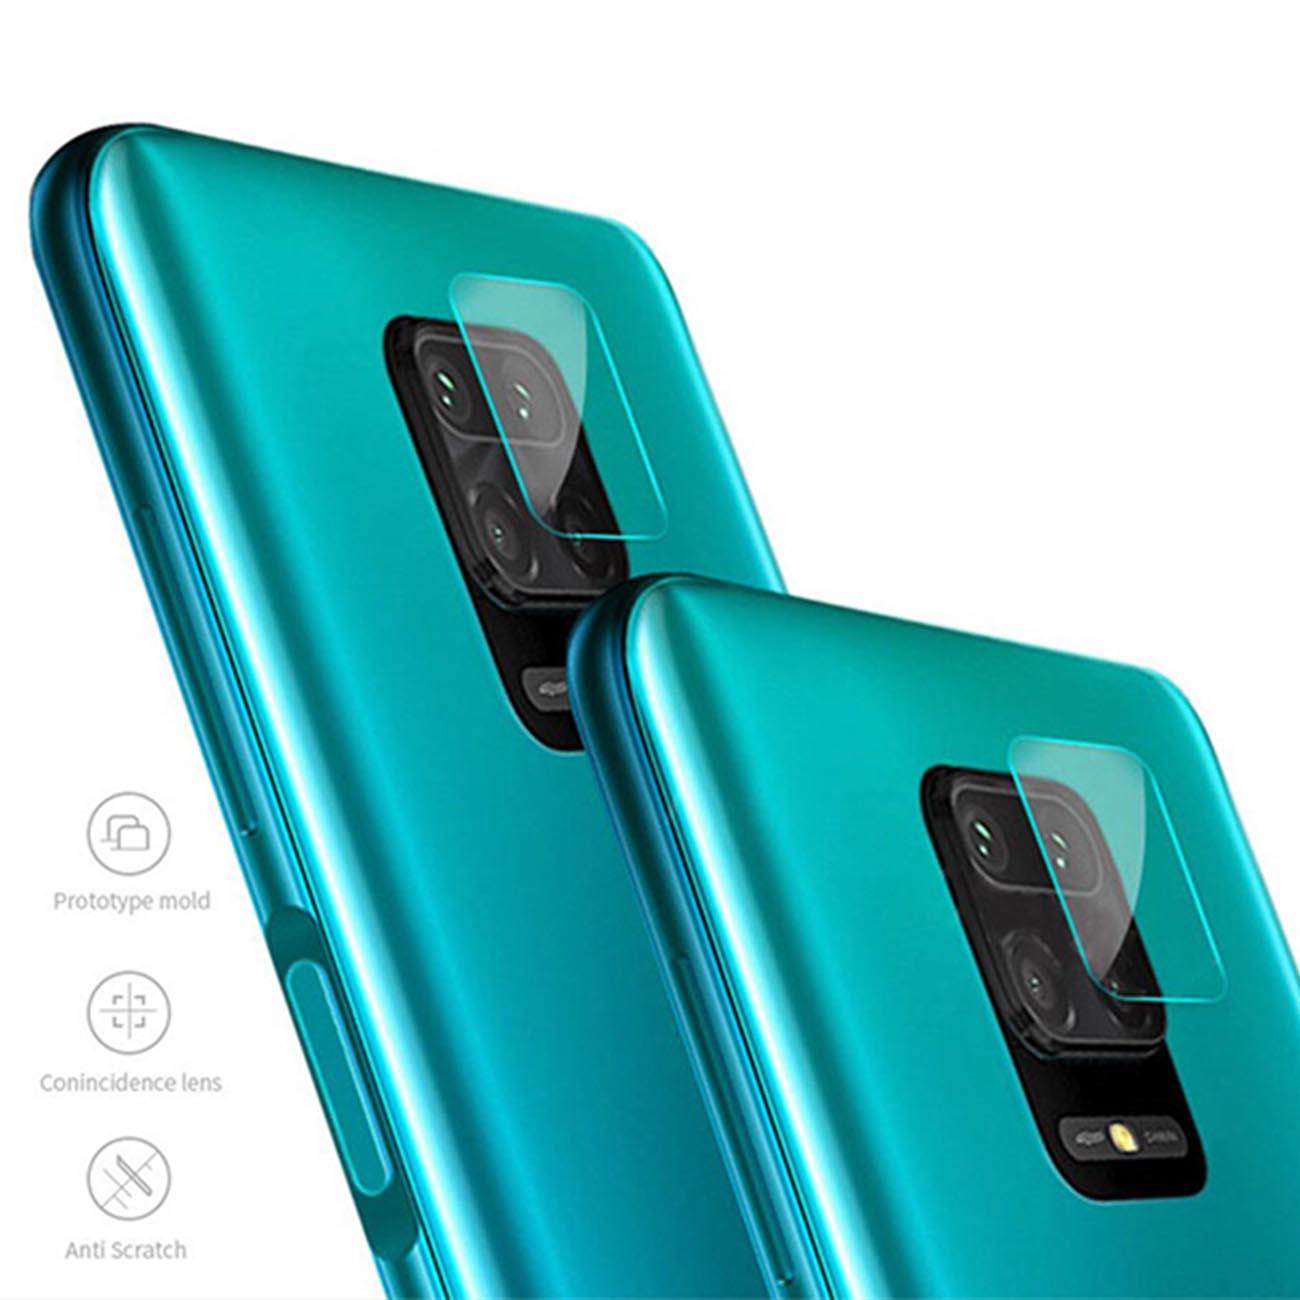 محافظ صفحه نمایش مدل Delpy مناسب برای گوشی موبایل شیائومی Redmi note9s به همراه محافظ لنز دوربین              ( قیمت و خرید)